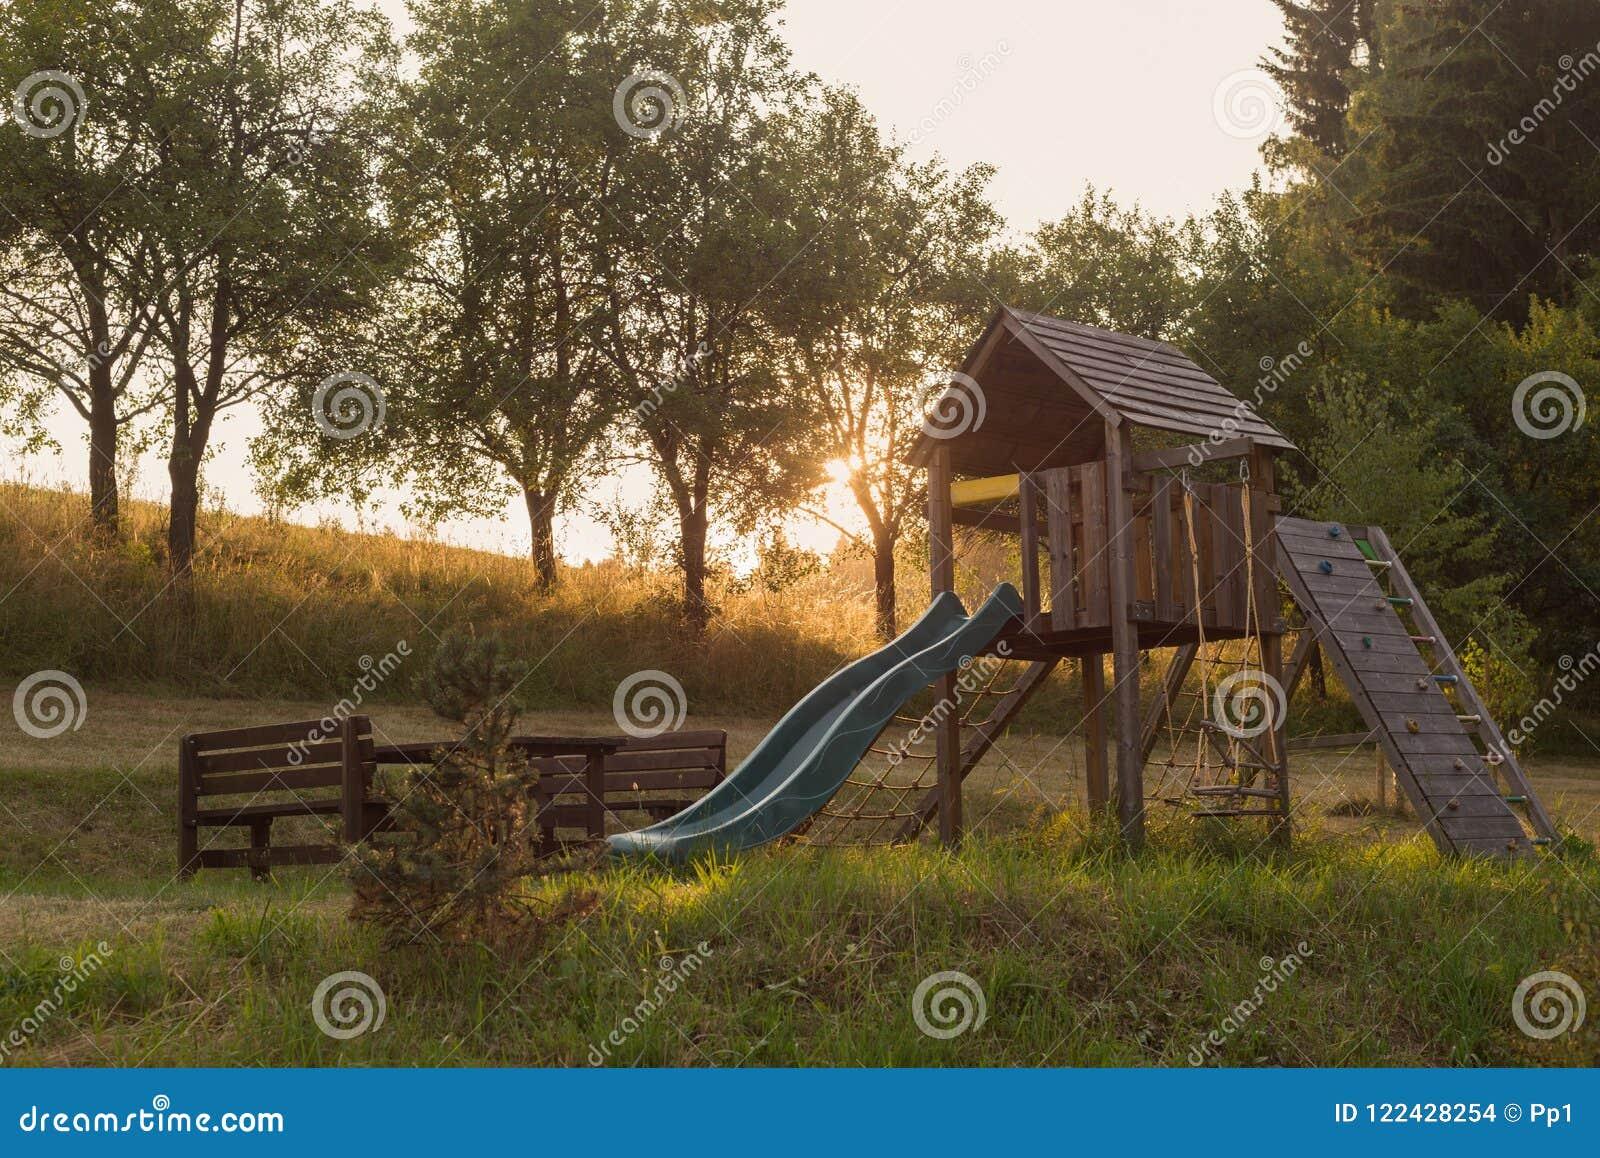 Corrediça exterior de madeira no parque rural do jardim, por do sol do campo de jogos das crianças